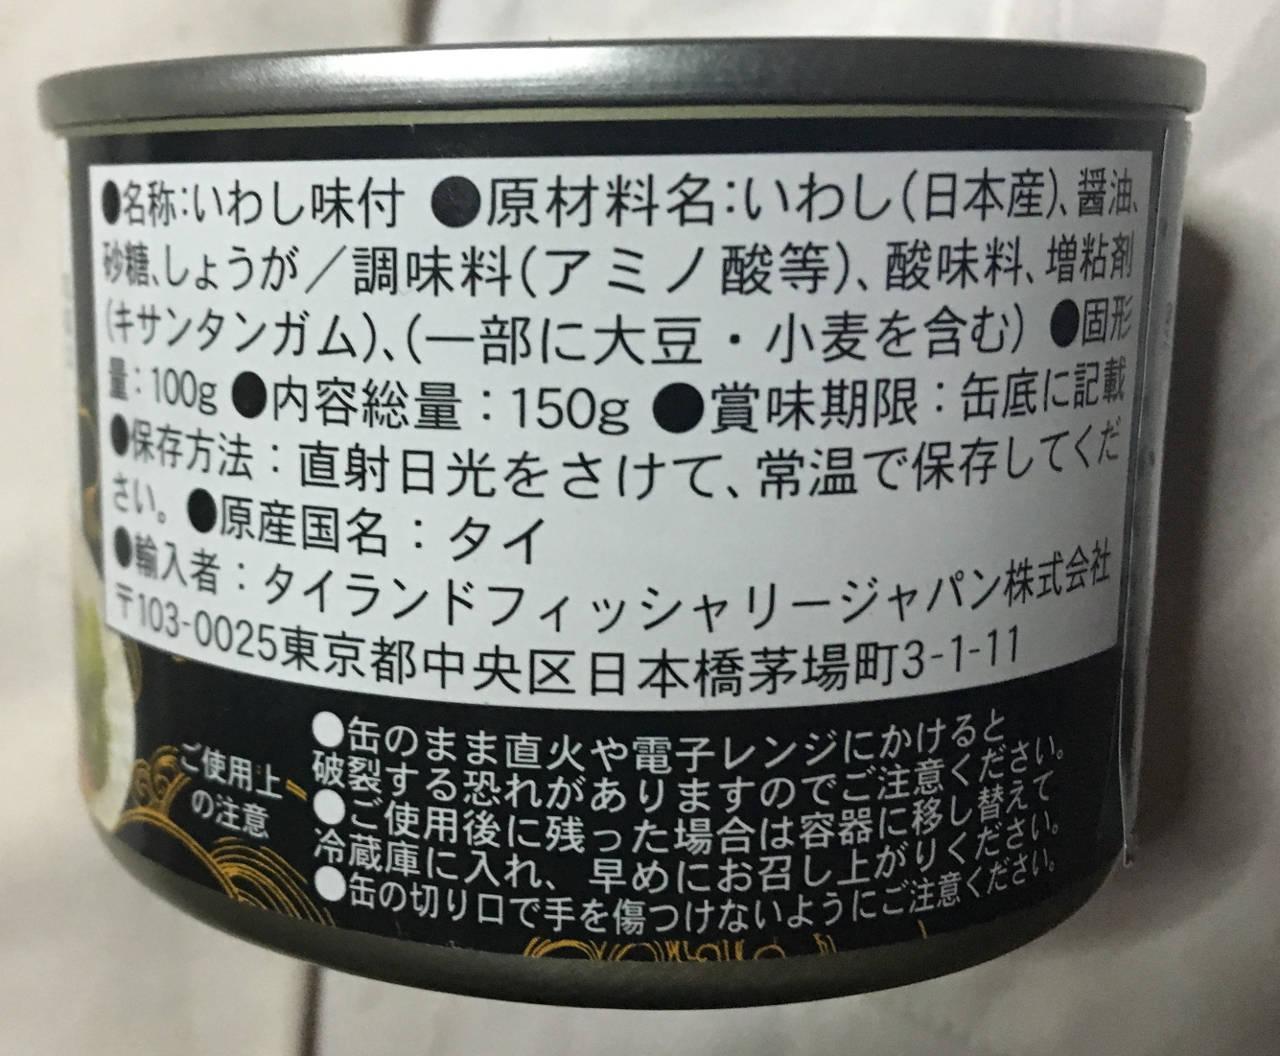 原材料表示:VL缶詰いわし味付|ローソンストア